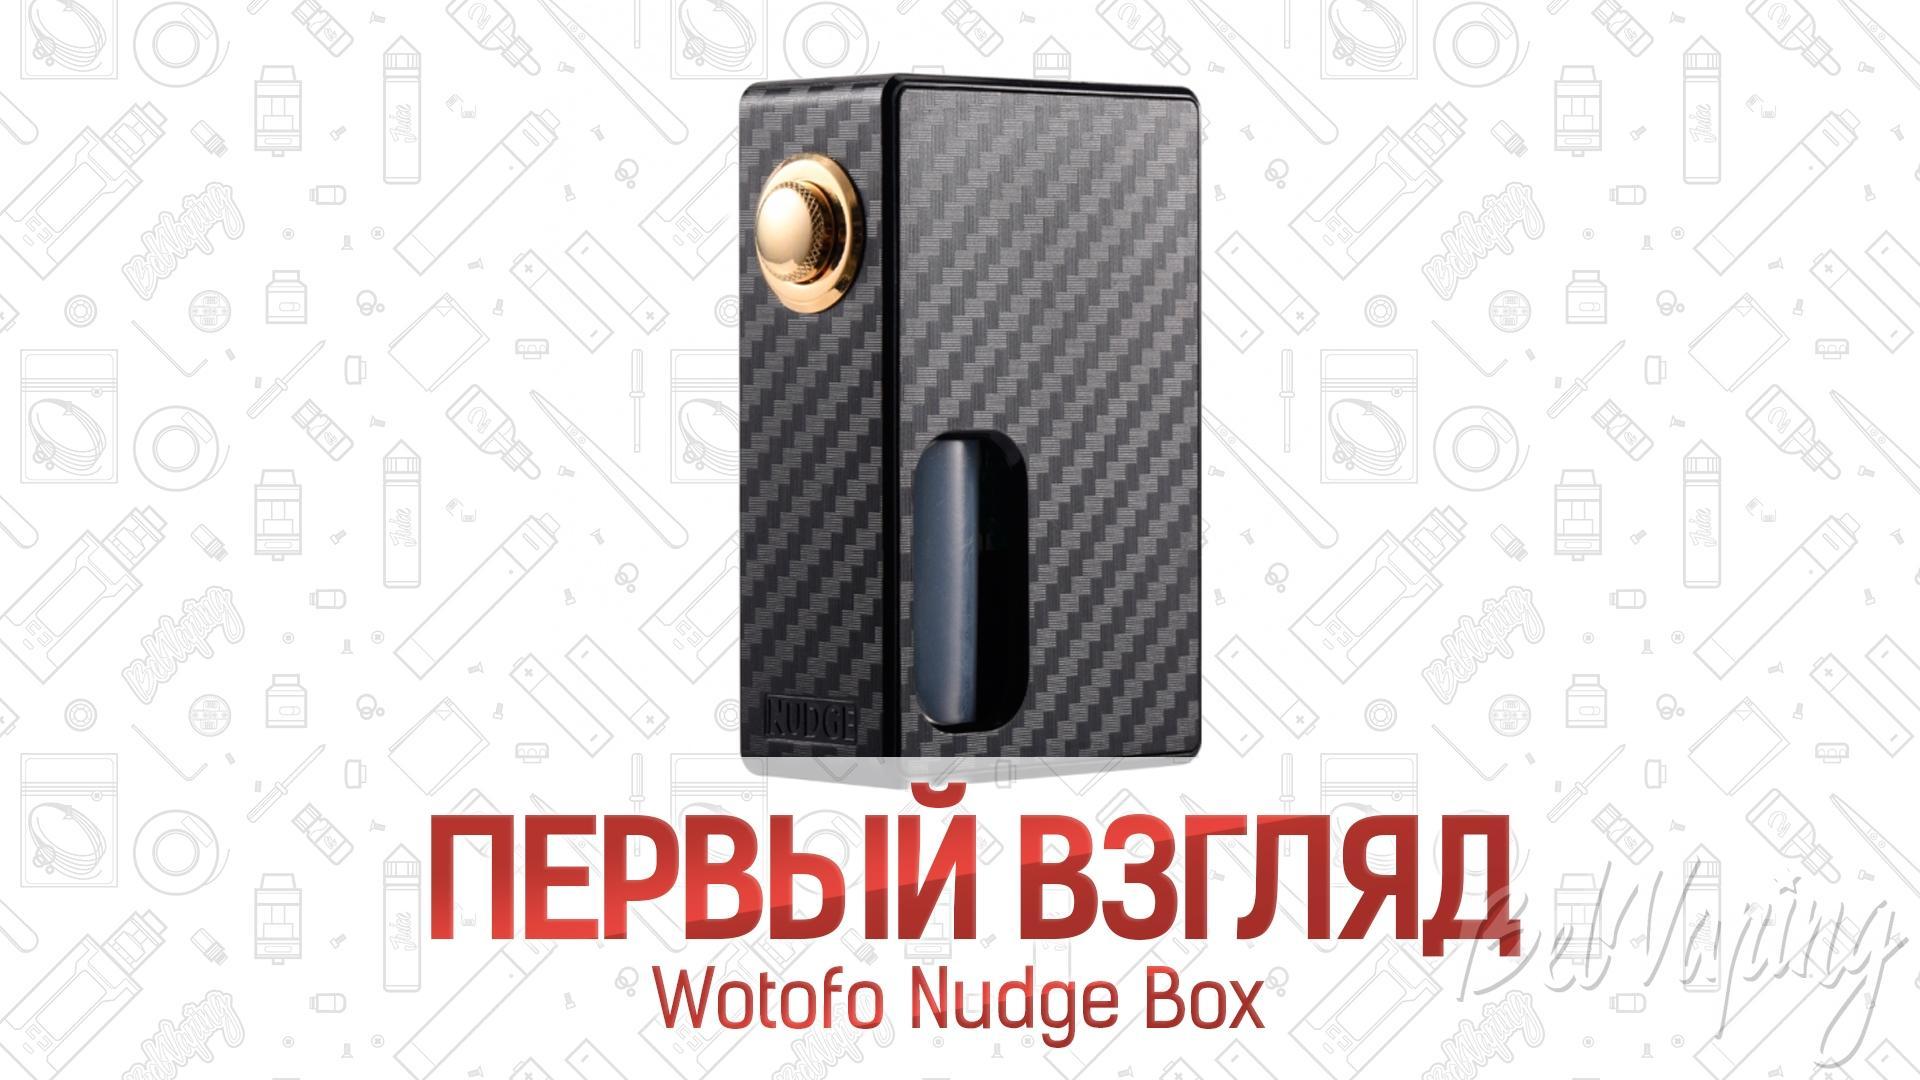 Wotofo Nudge Box. Первый взгляд